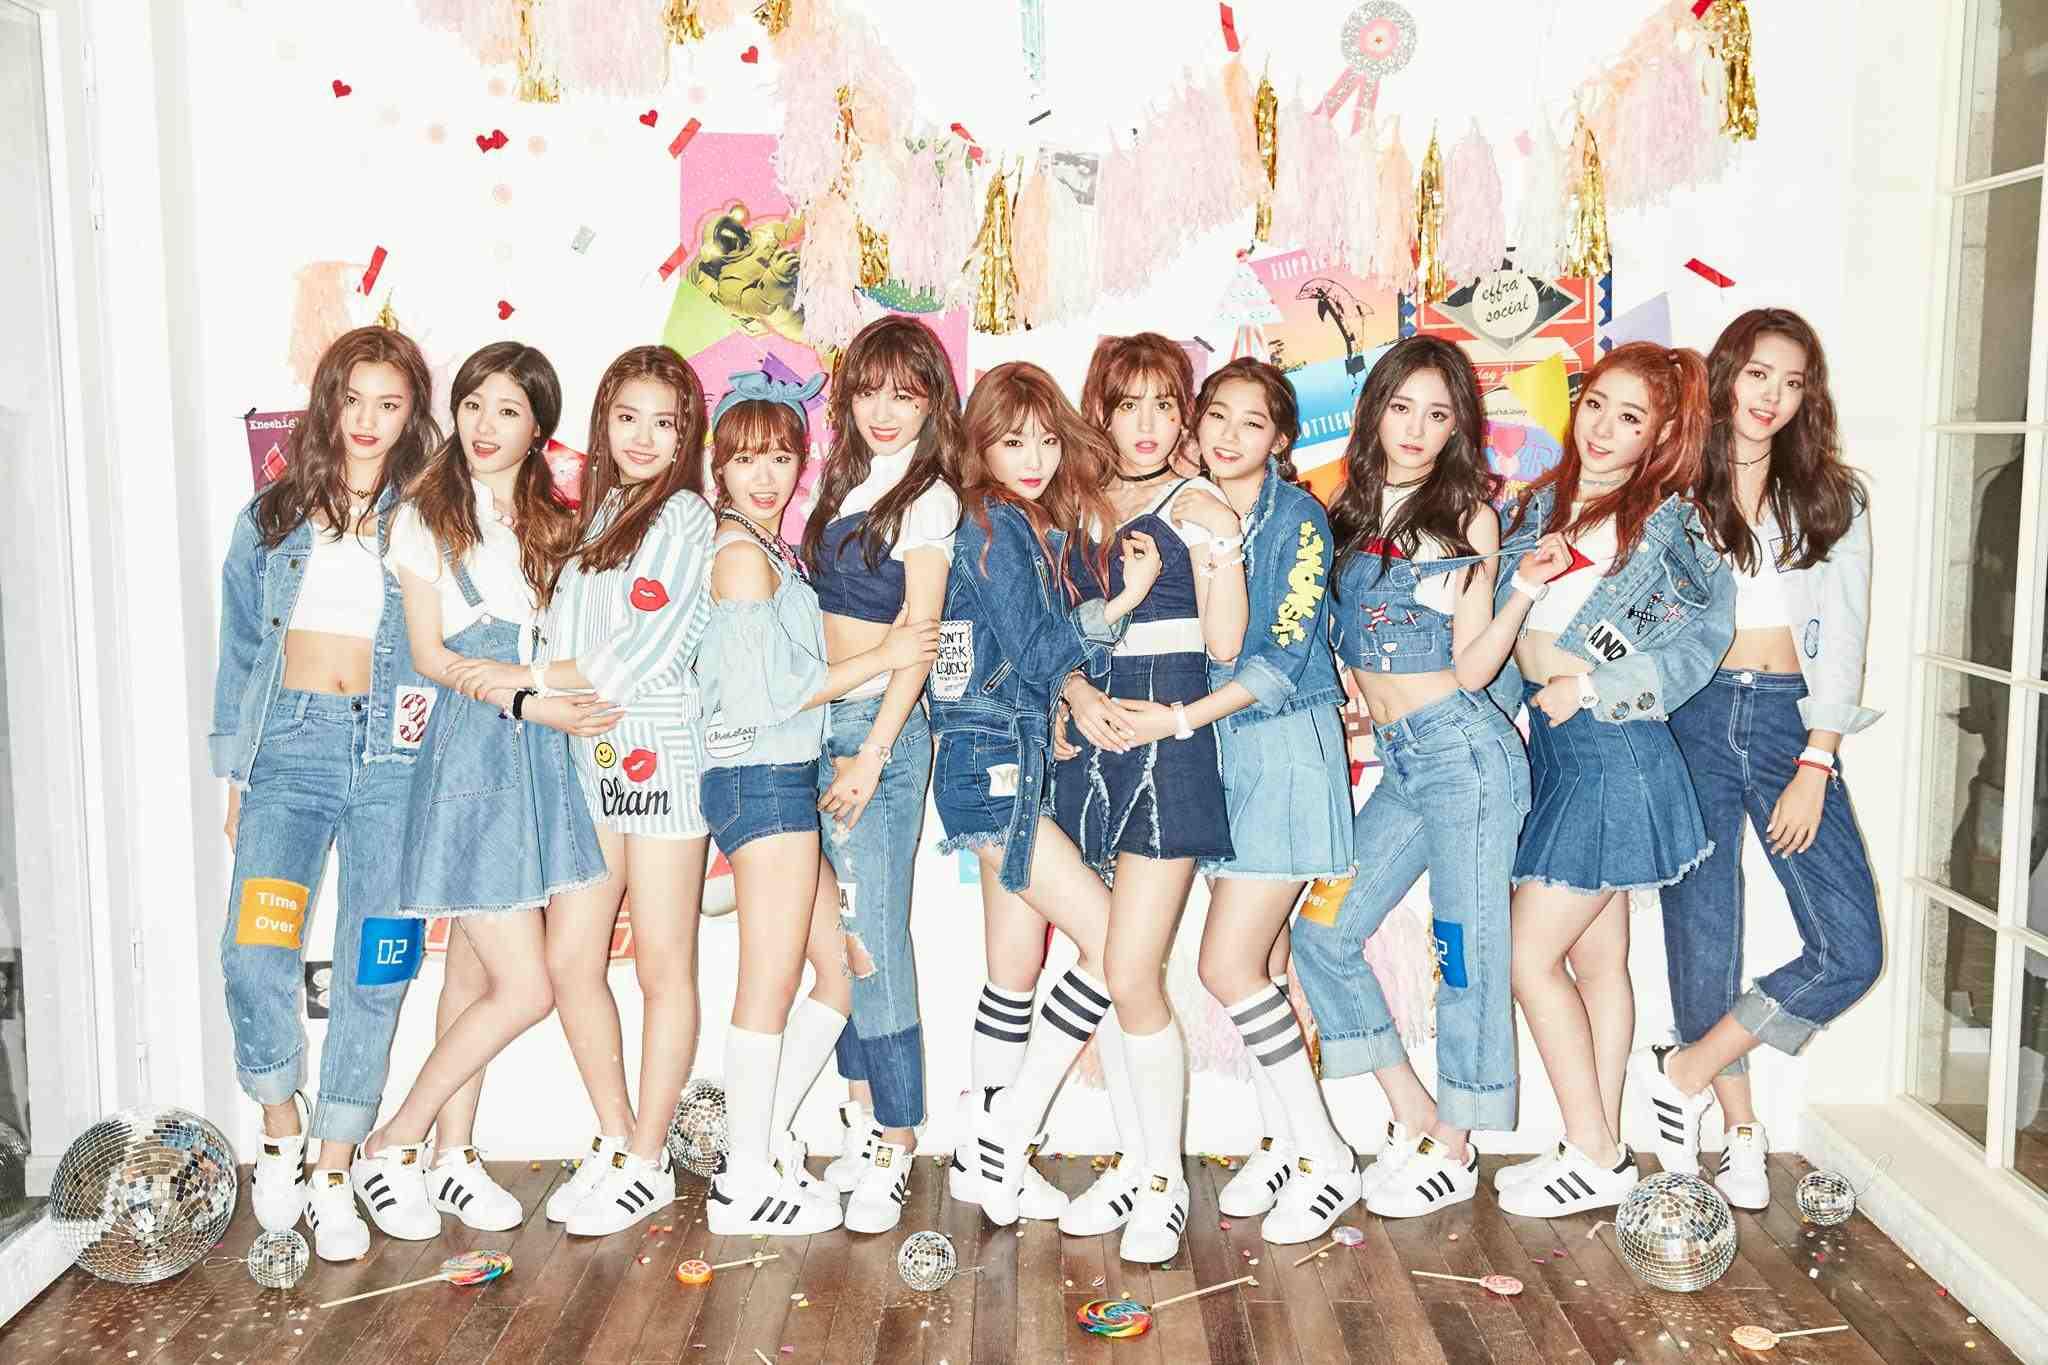 打著全民都是製作人的口號,在韓國引起激烈討論之後終於誕生的團體 I.O.I 雖然只有1年的活動時間,之後將回歸各偶像原屬的經紀公司展開演藝活動。